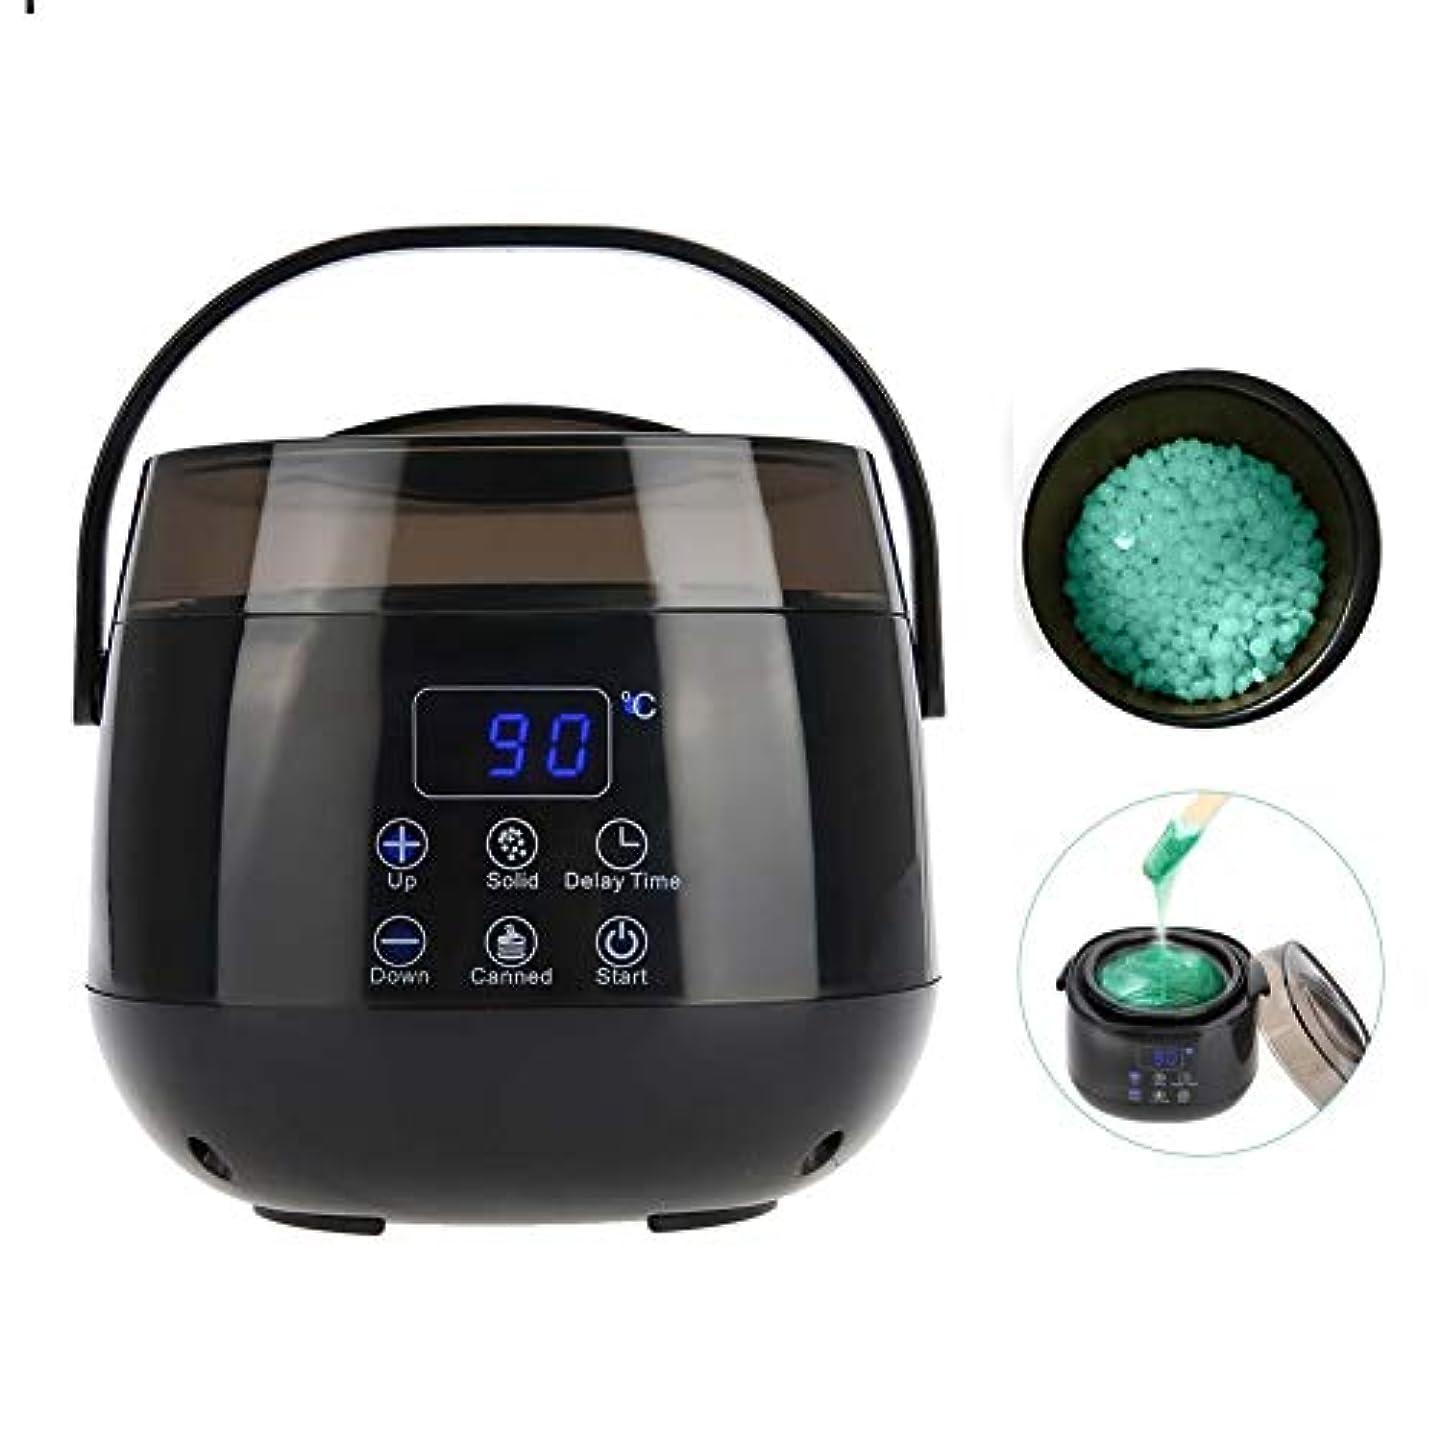 木キャプテンブライ時ワックスマシン、体の髪をきれいにするのは簡単450ml HD LCDスクリーンとの温度調節可能な0?135℃の毛の取り外しのための急速に熱くする堅いワックス機械を取除きます(USプラグ)